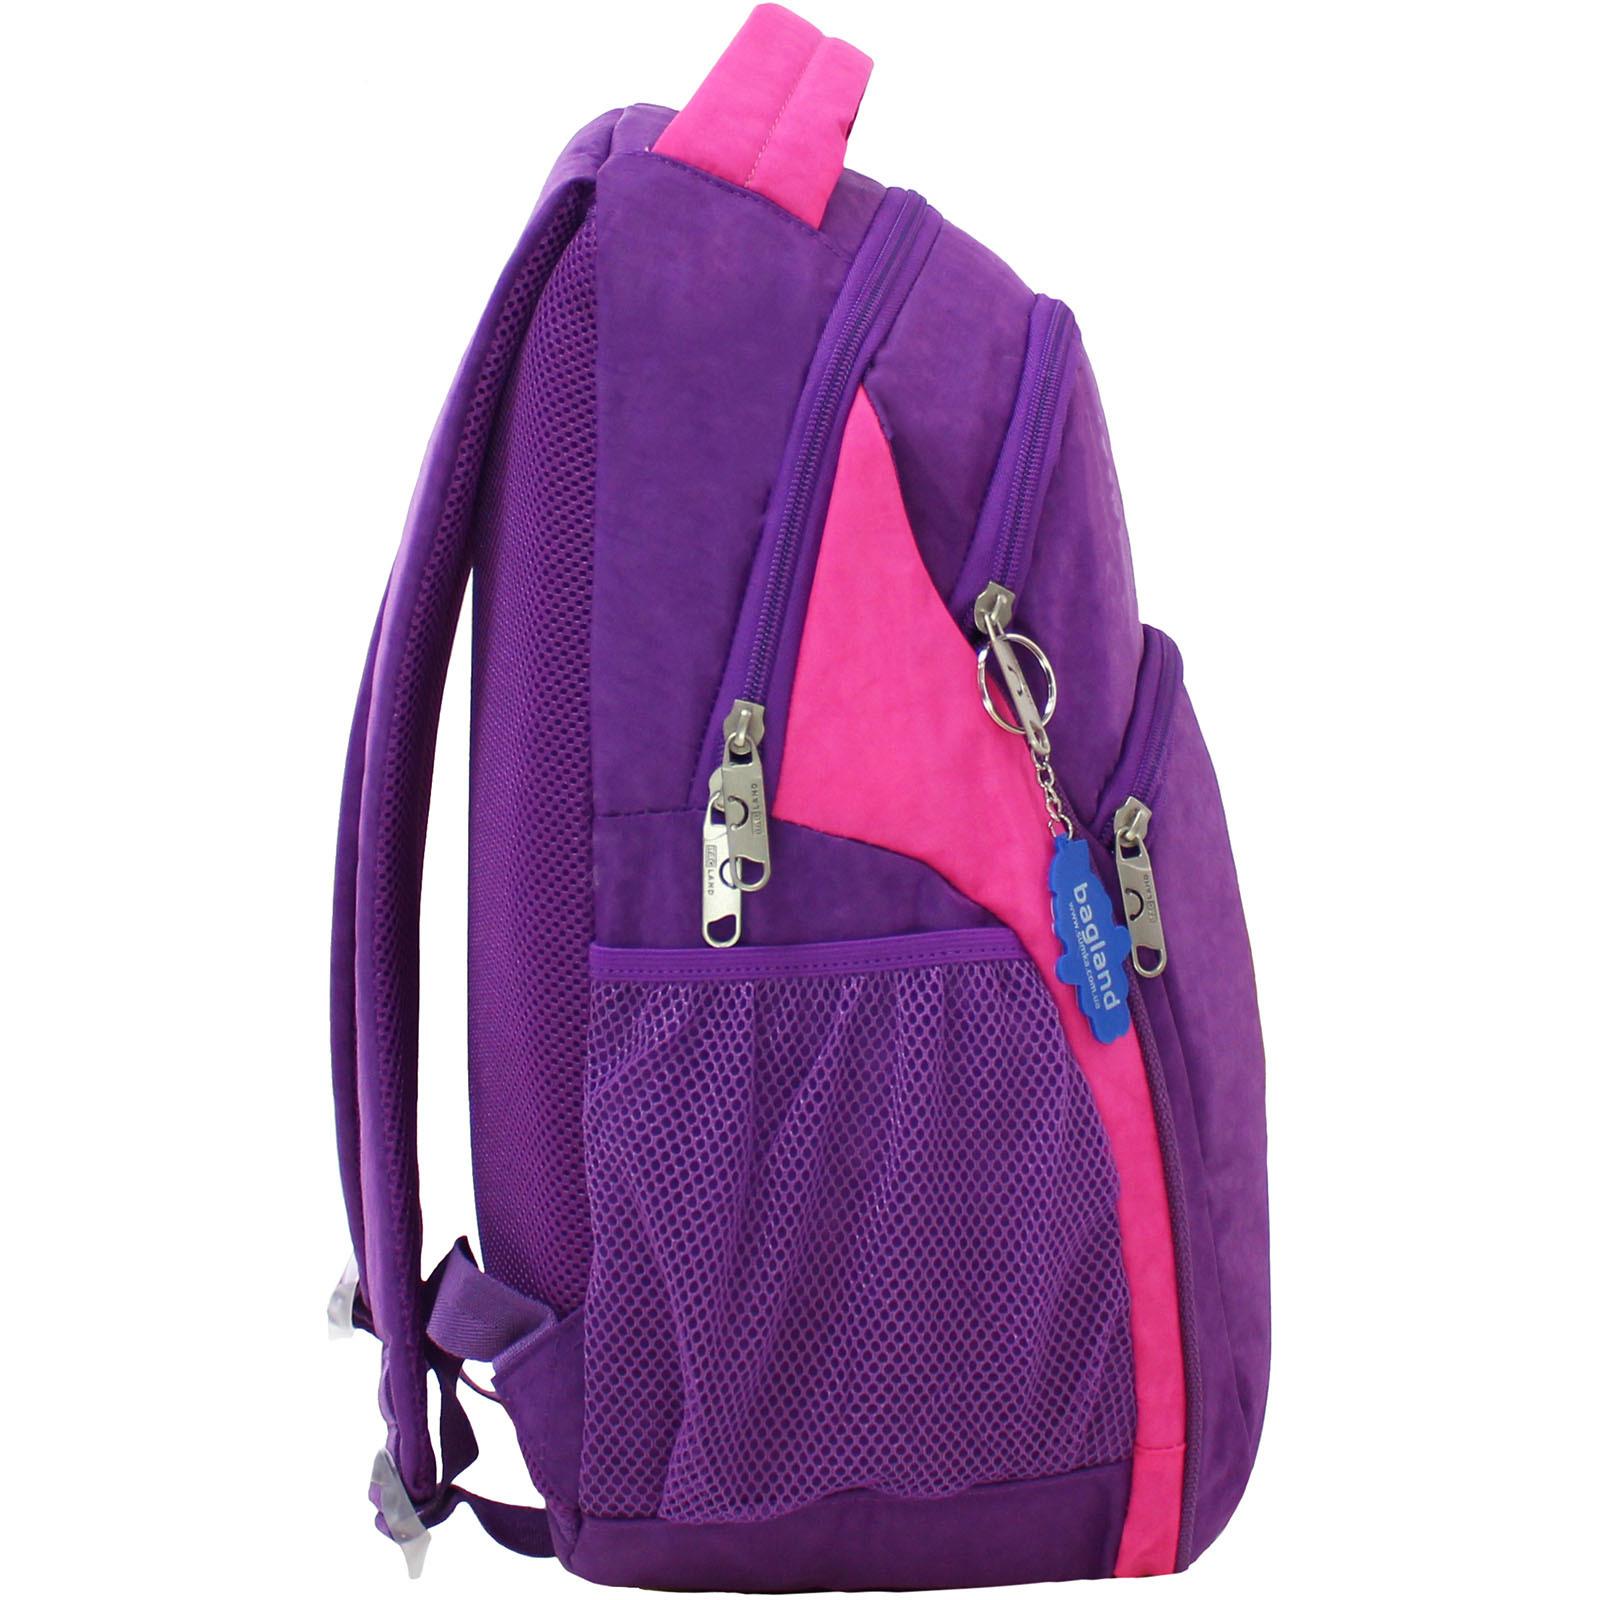 Рюкзак Bagland Лик 21 л. Фиолетовый/розовый (0055770) фото 2